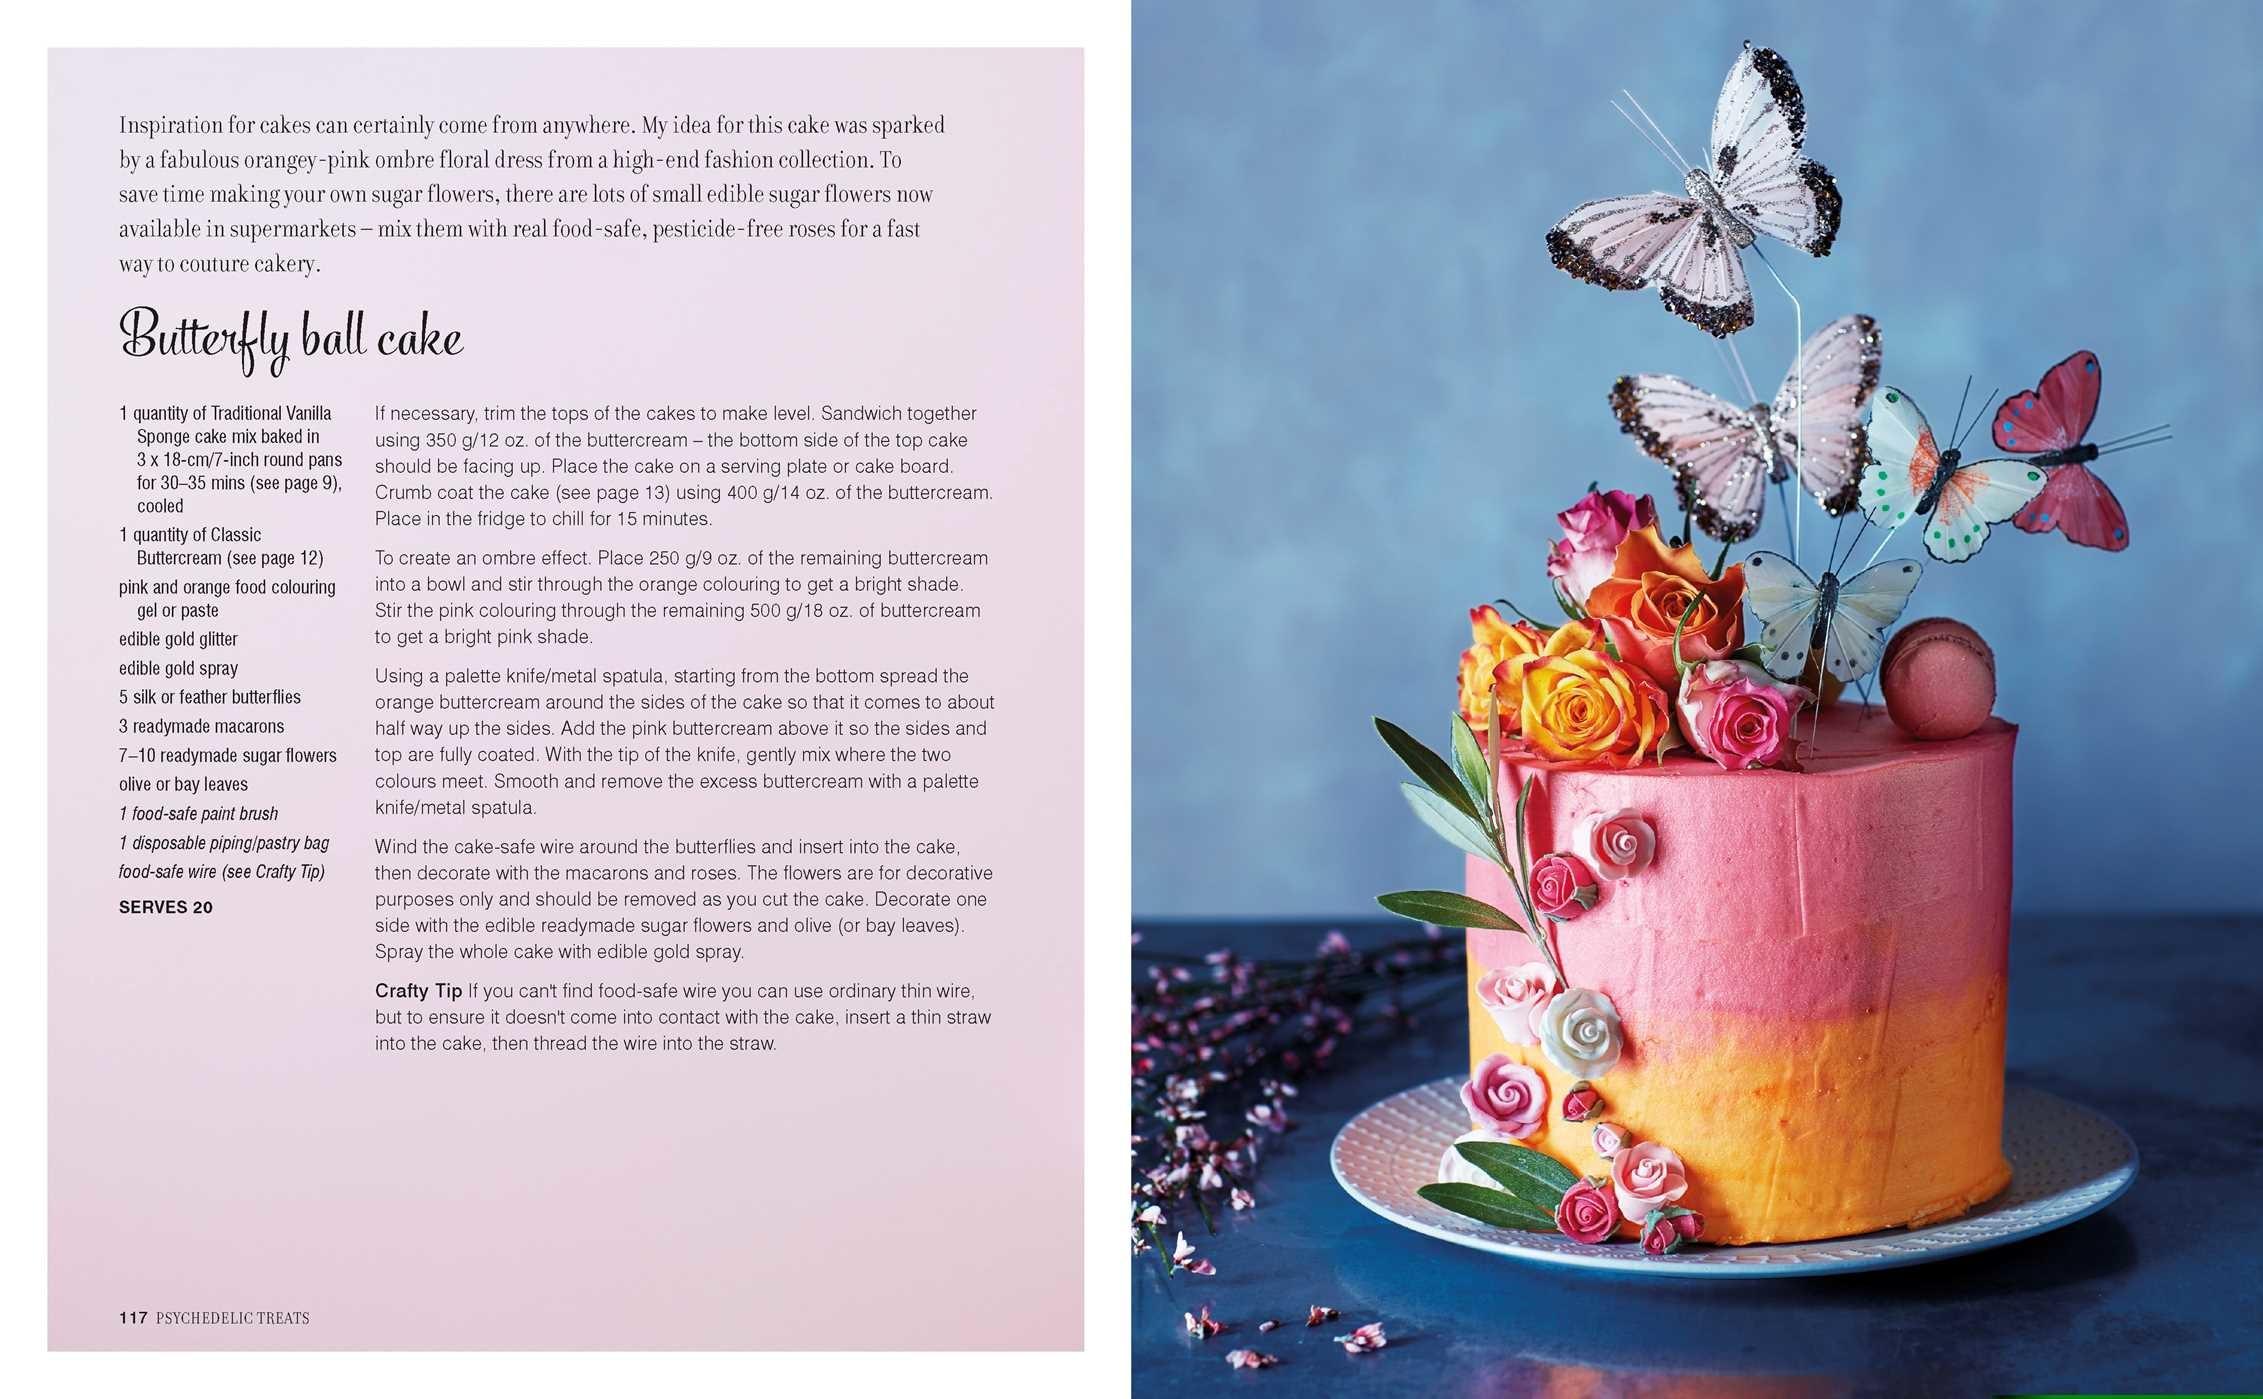 Fantasy cakes 9781849758857.in04